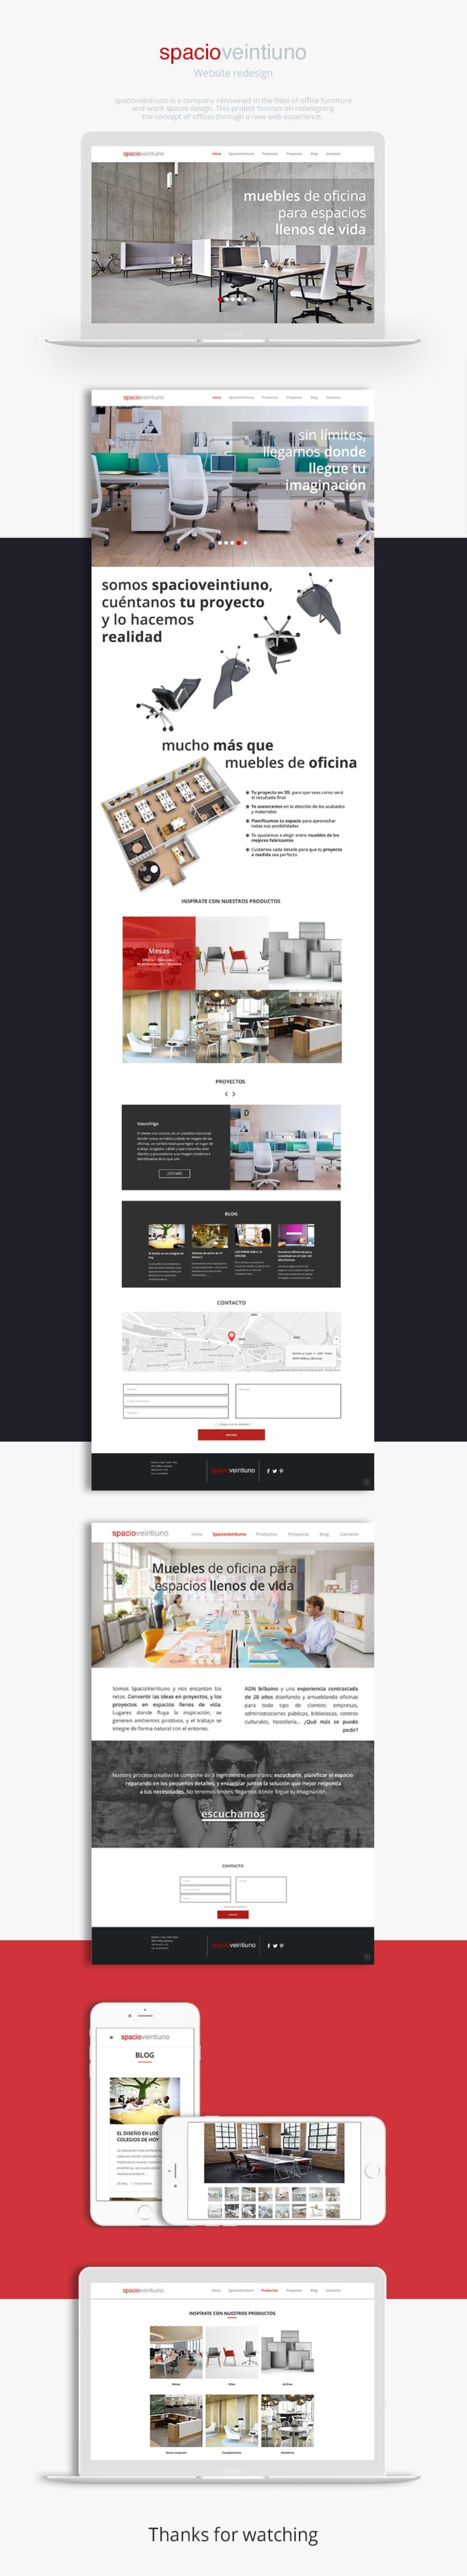 spacioveintiuno website redesign -1